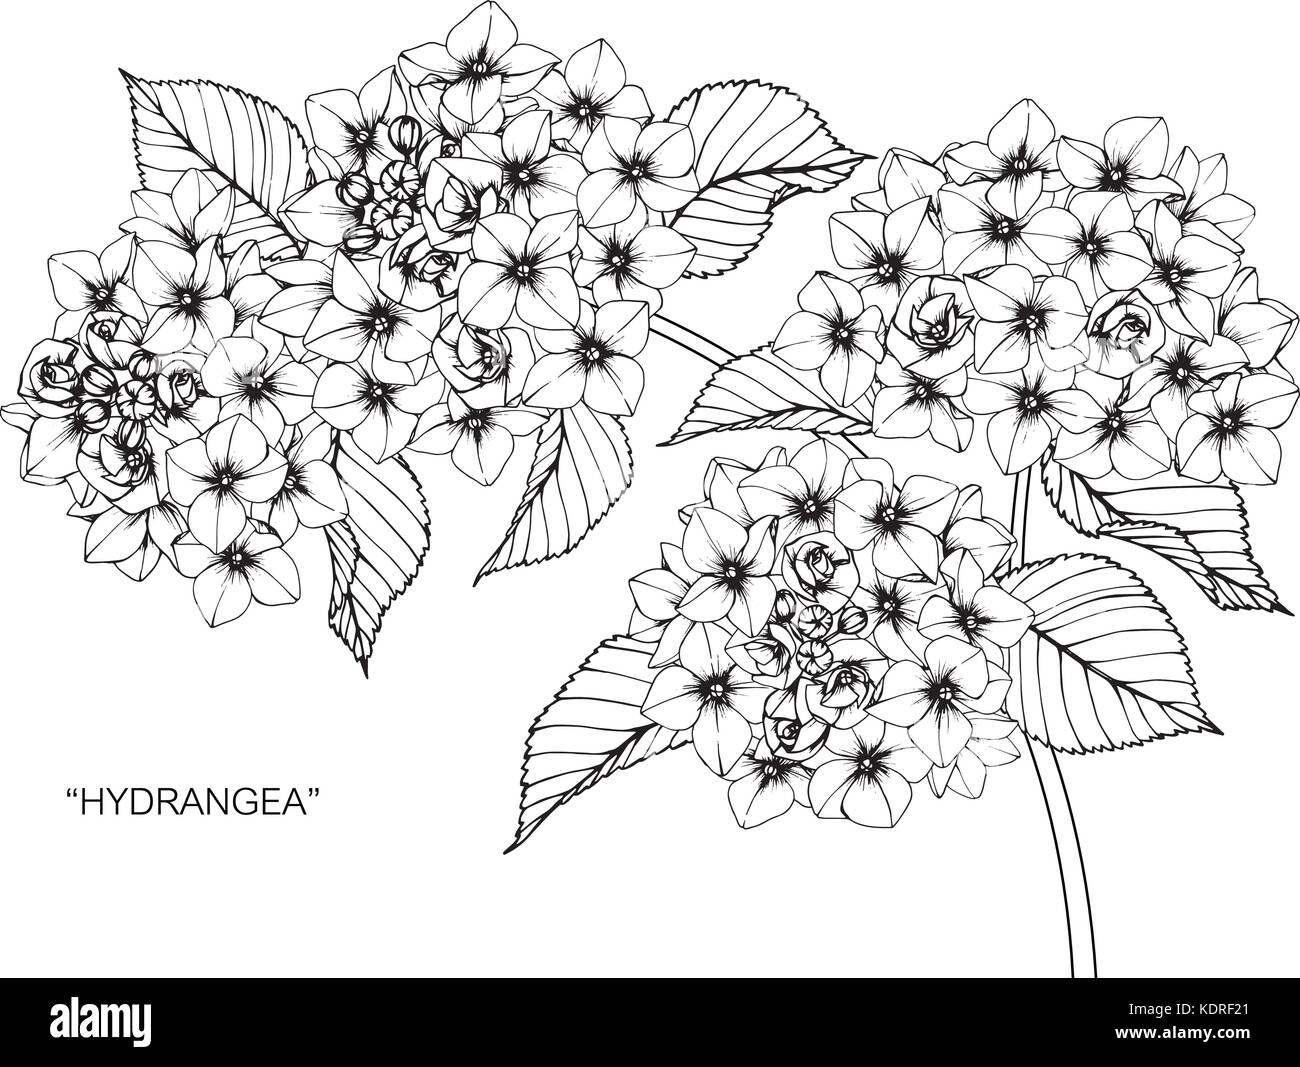 Dessin De Fleurs D Hortensias Illustration Noir Et Blanc Avec Des